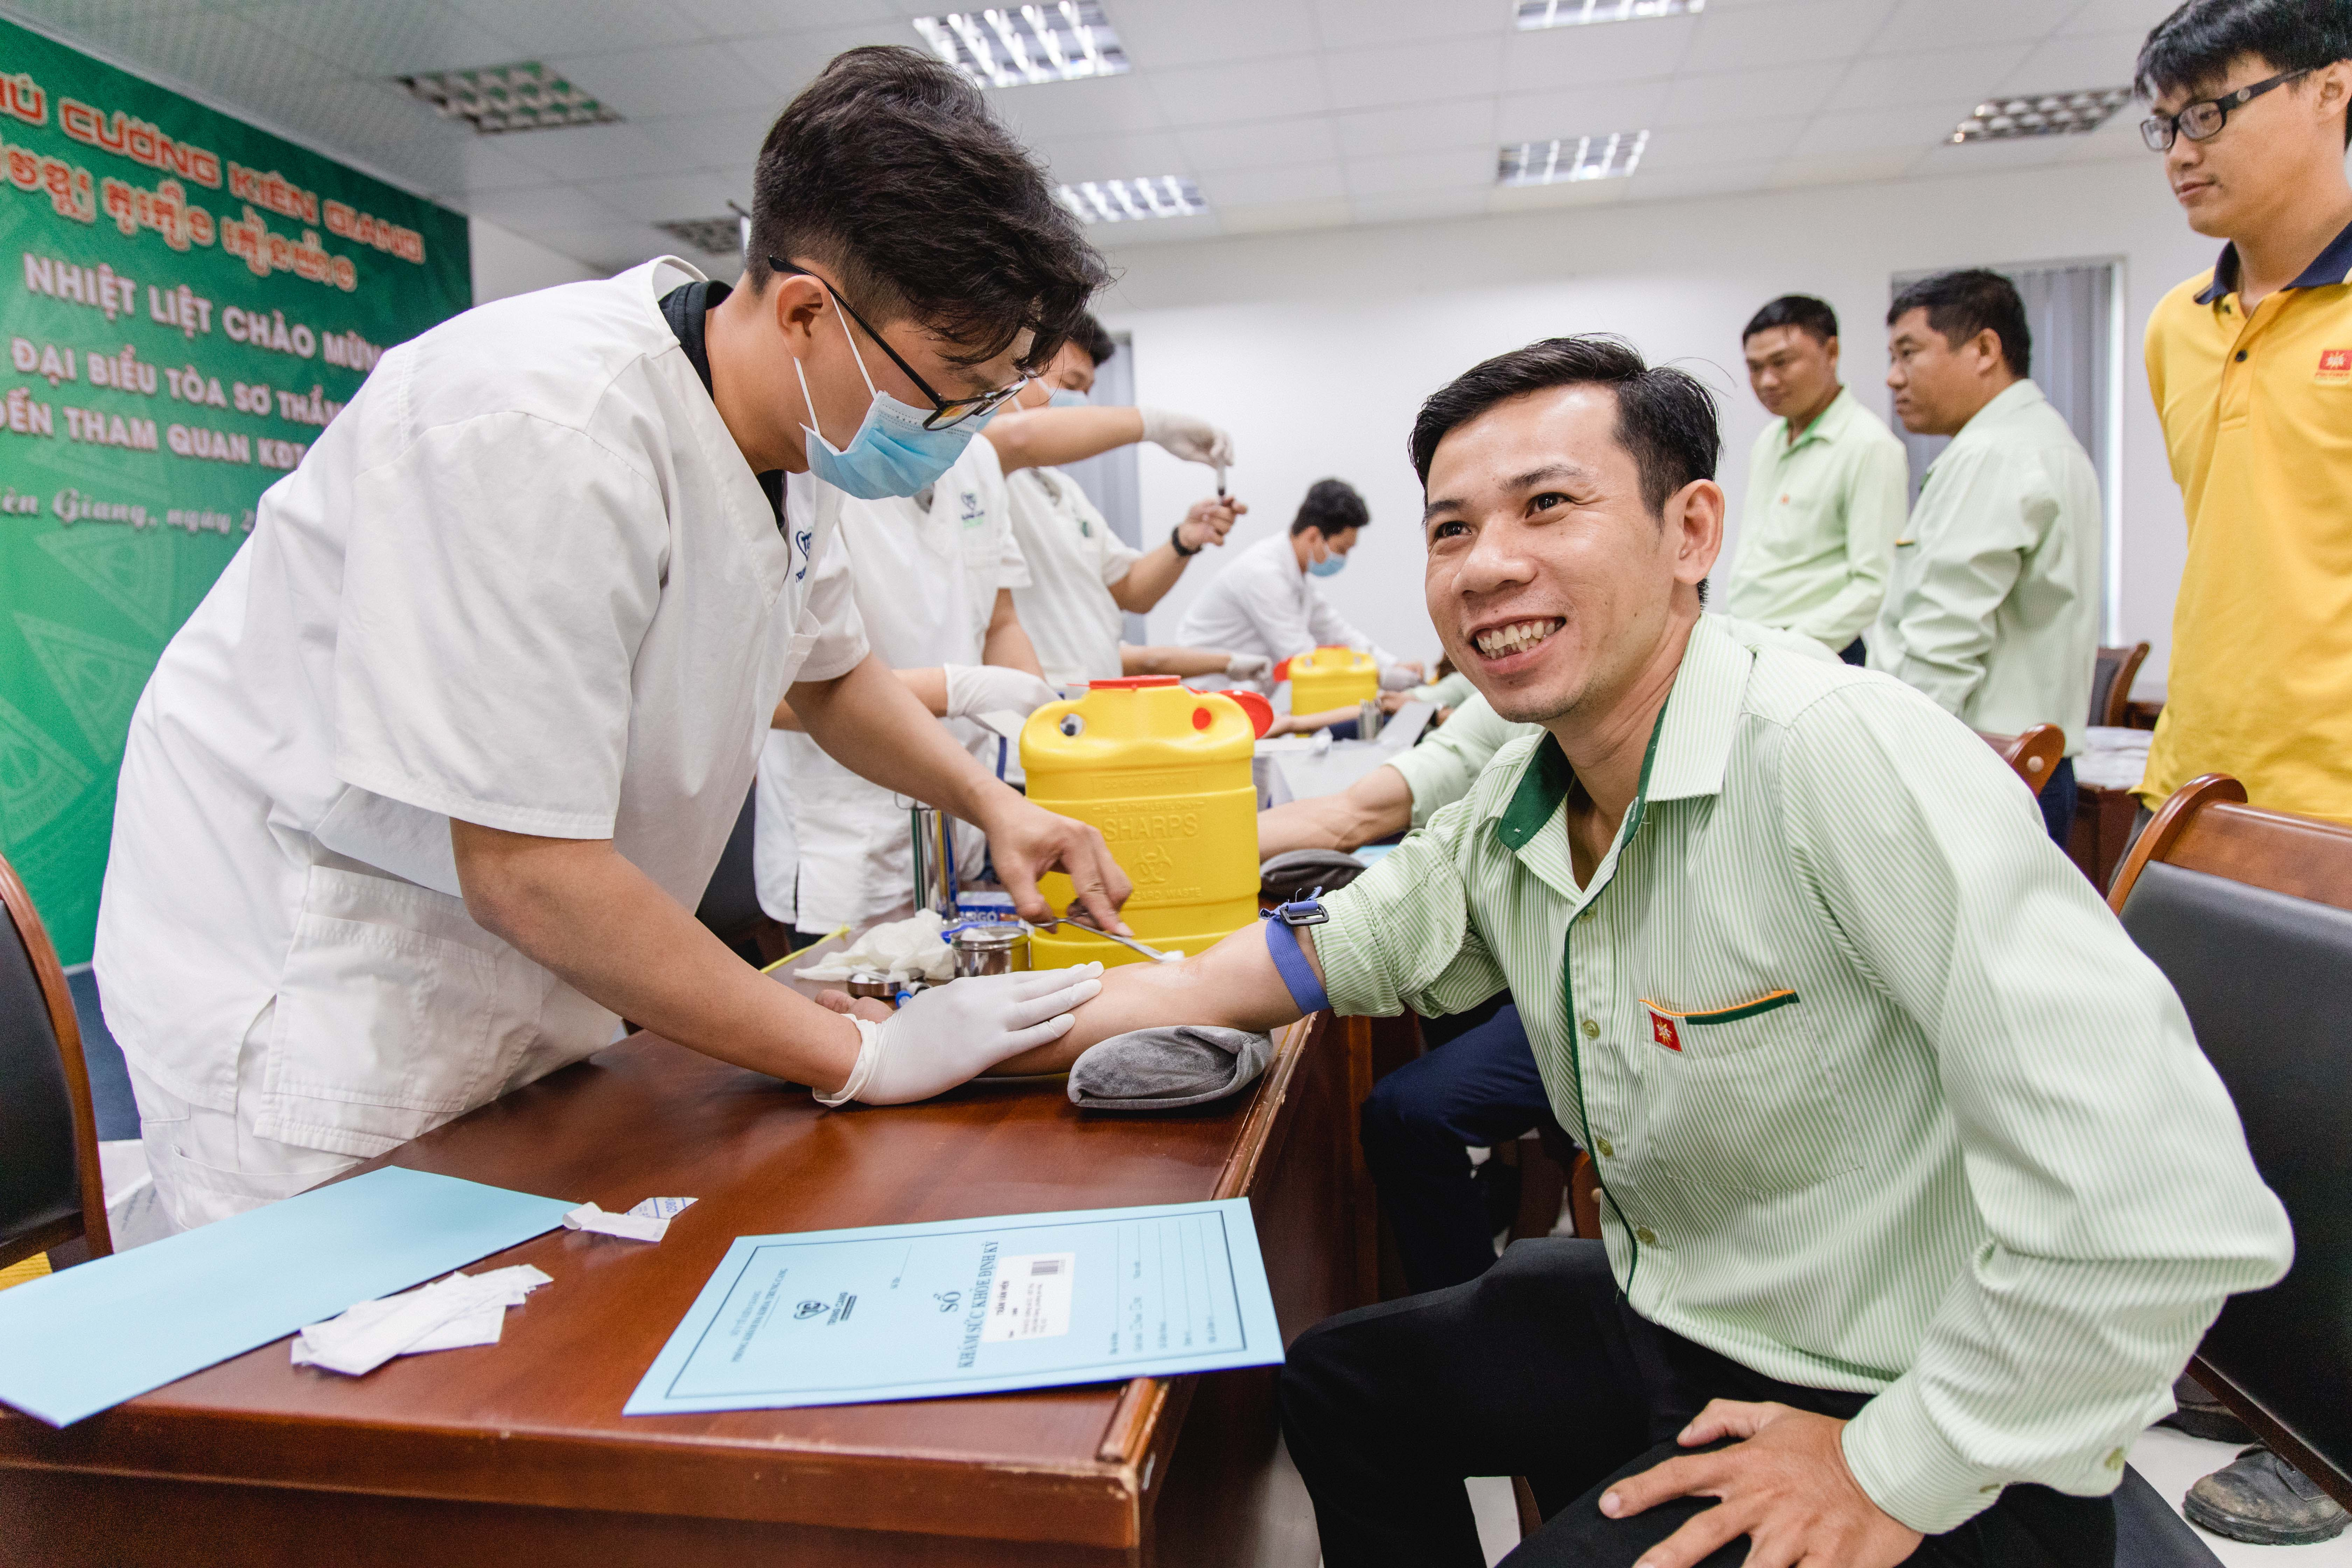 Phú Cường Kiên Giang tổ chức khám sức khỏe cho CBNV